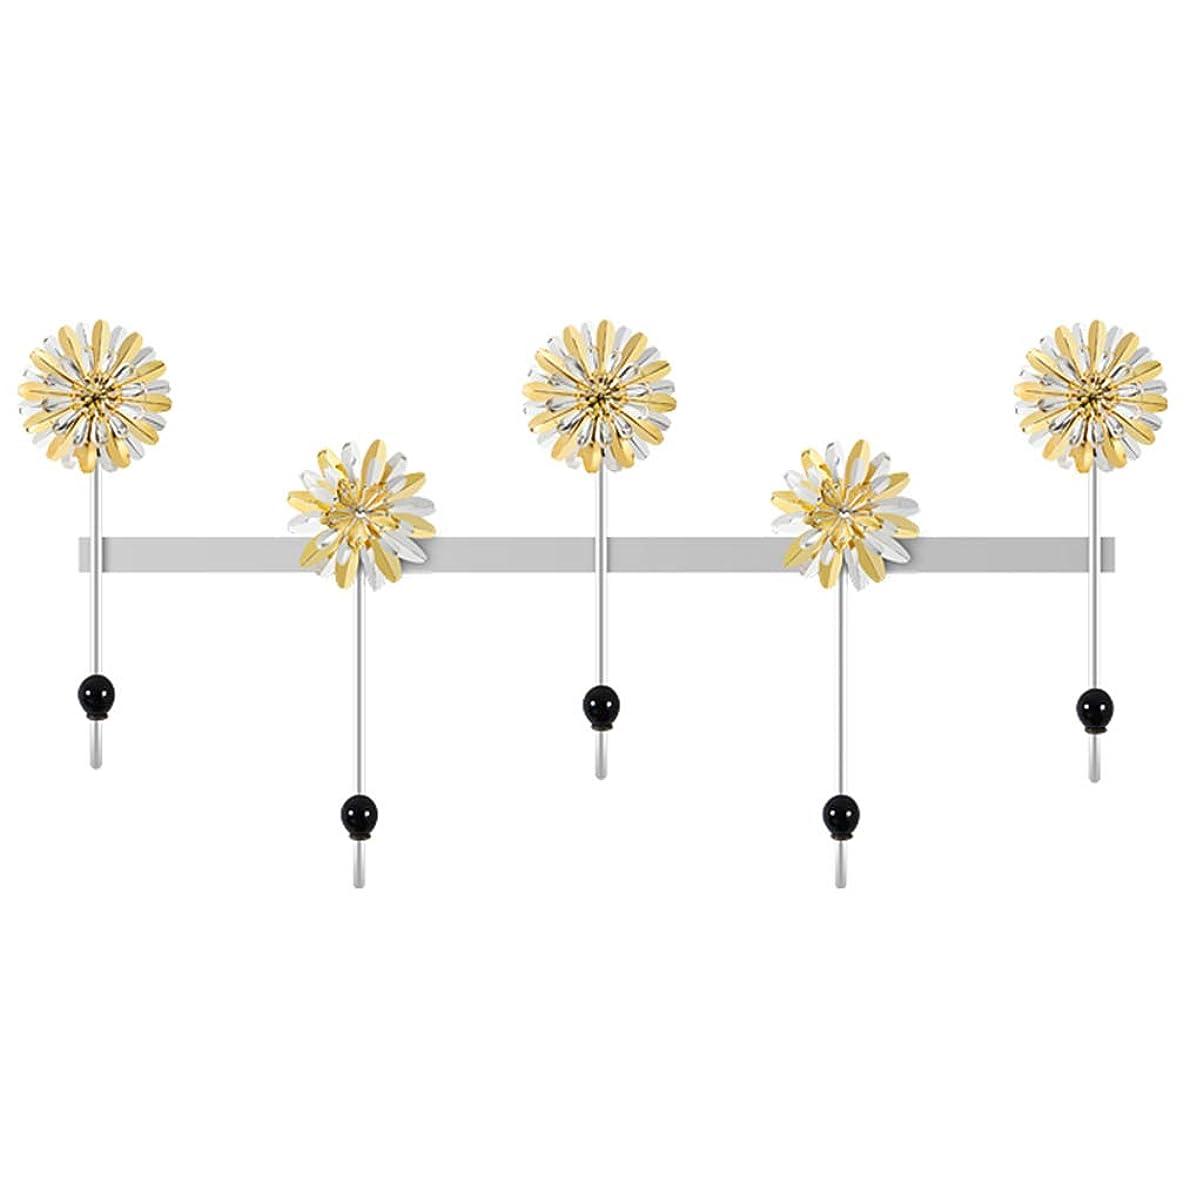 攻撃的相手配管ハンガーラック フックポーチ戸口の壁飾りキーコートラック壁掛けバスタオル掛けリビング寝室 (Color : Yellow, Size : 64cm*5cm*34cm)